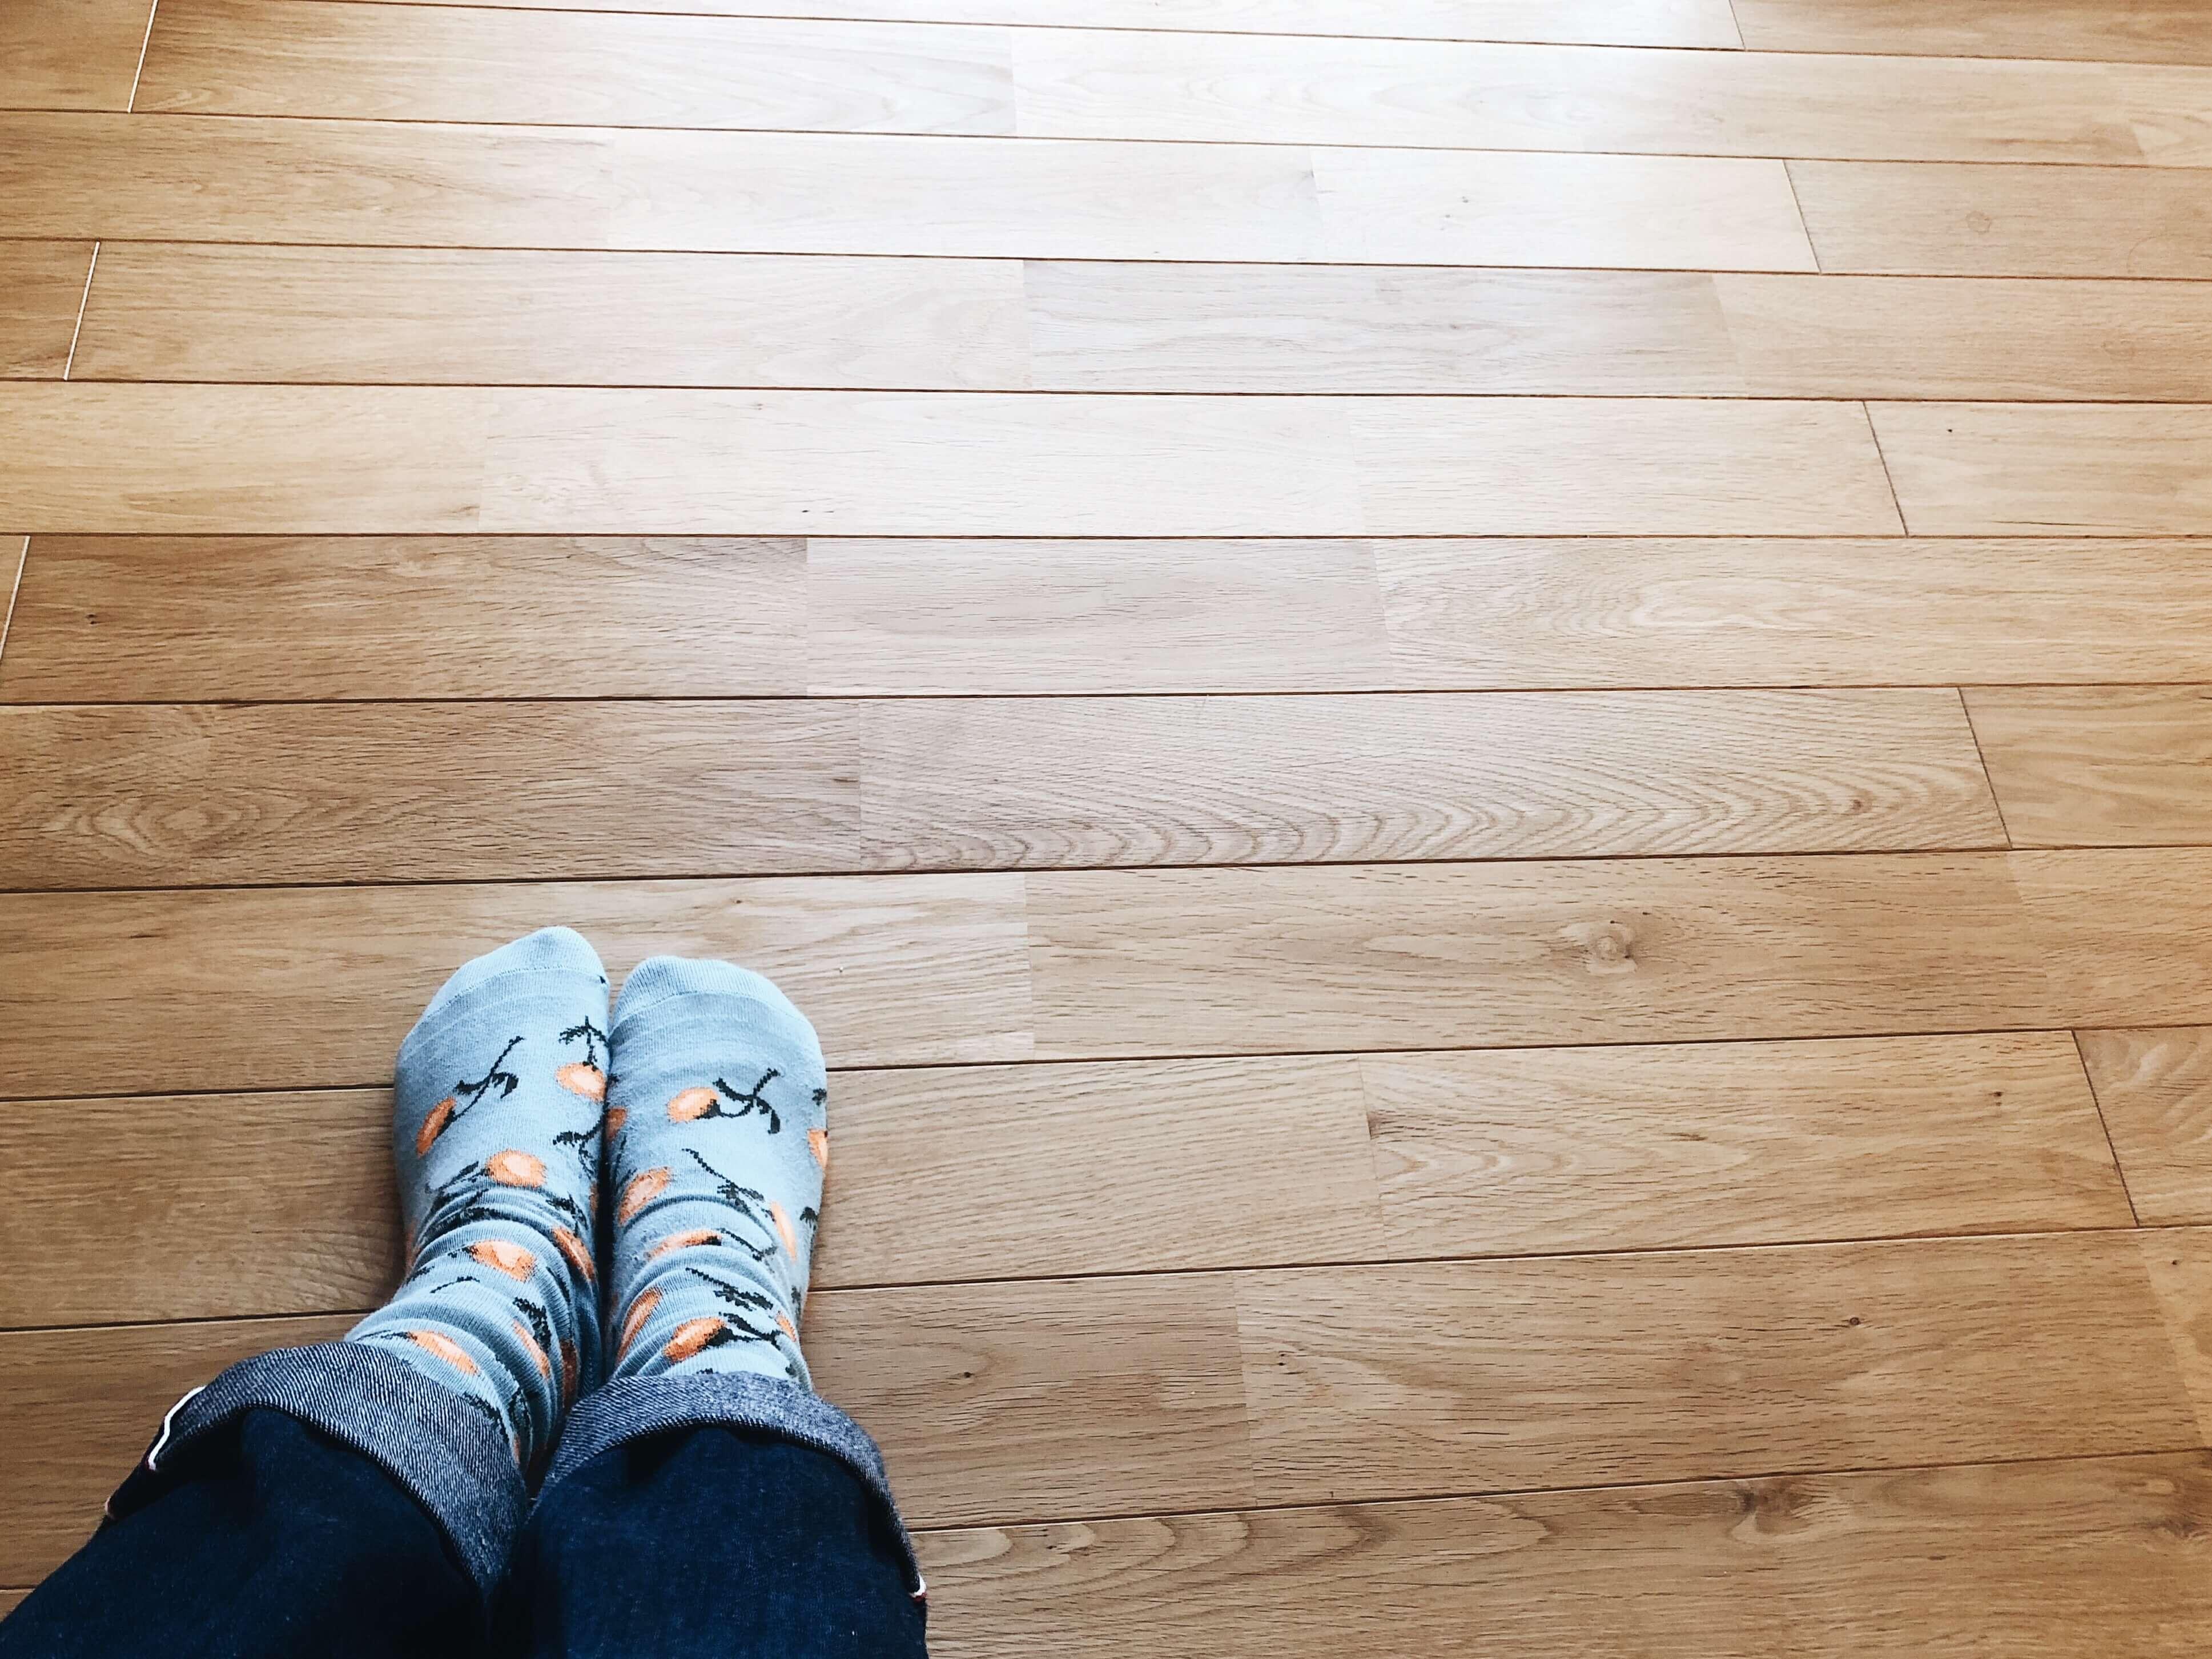 【注文住宅】ナラ材 無垢床の家に1年間住んでみてわかったメリット・デメリット